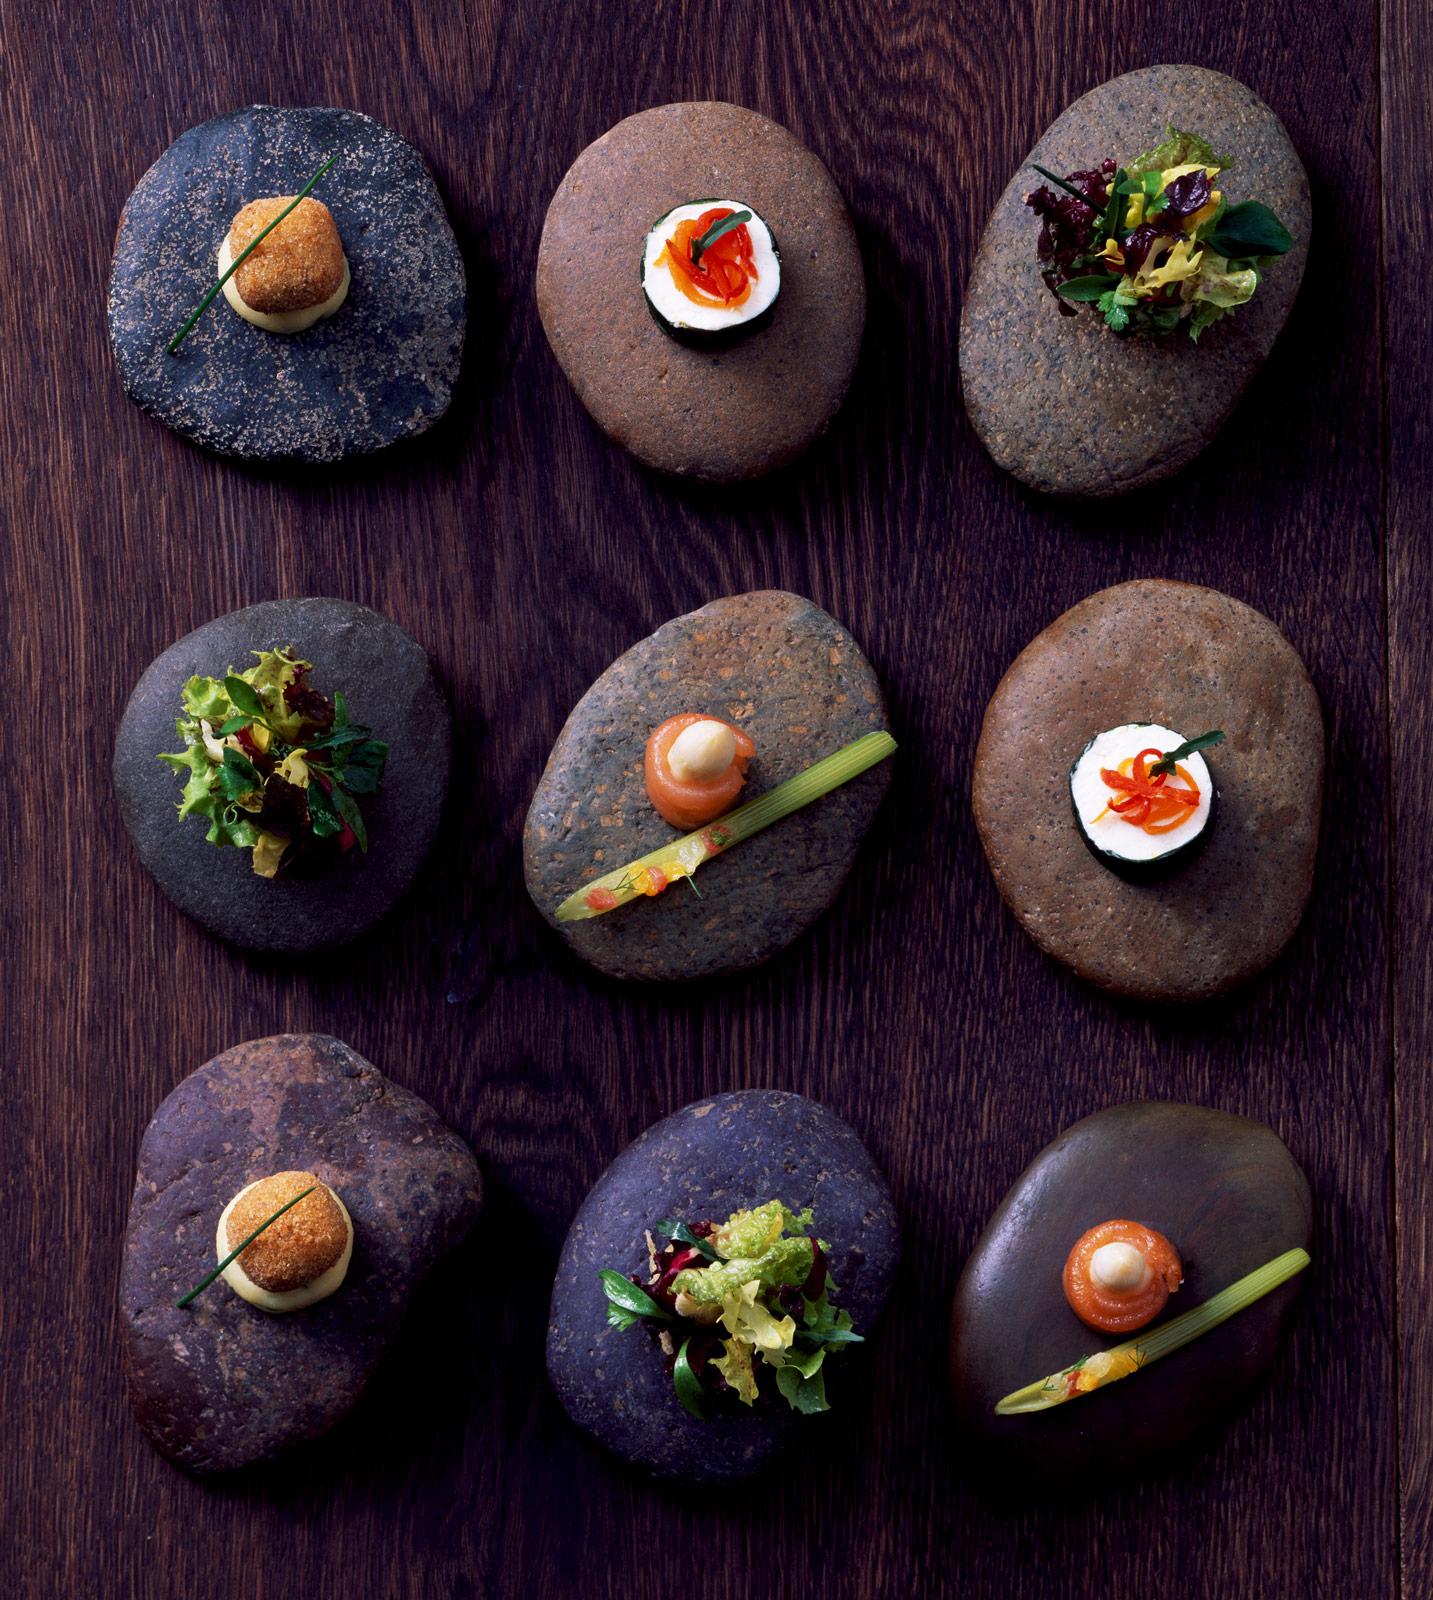 Foodfotograf-Matthias-Hoffmann-Referenzen-0174